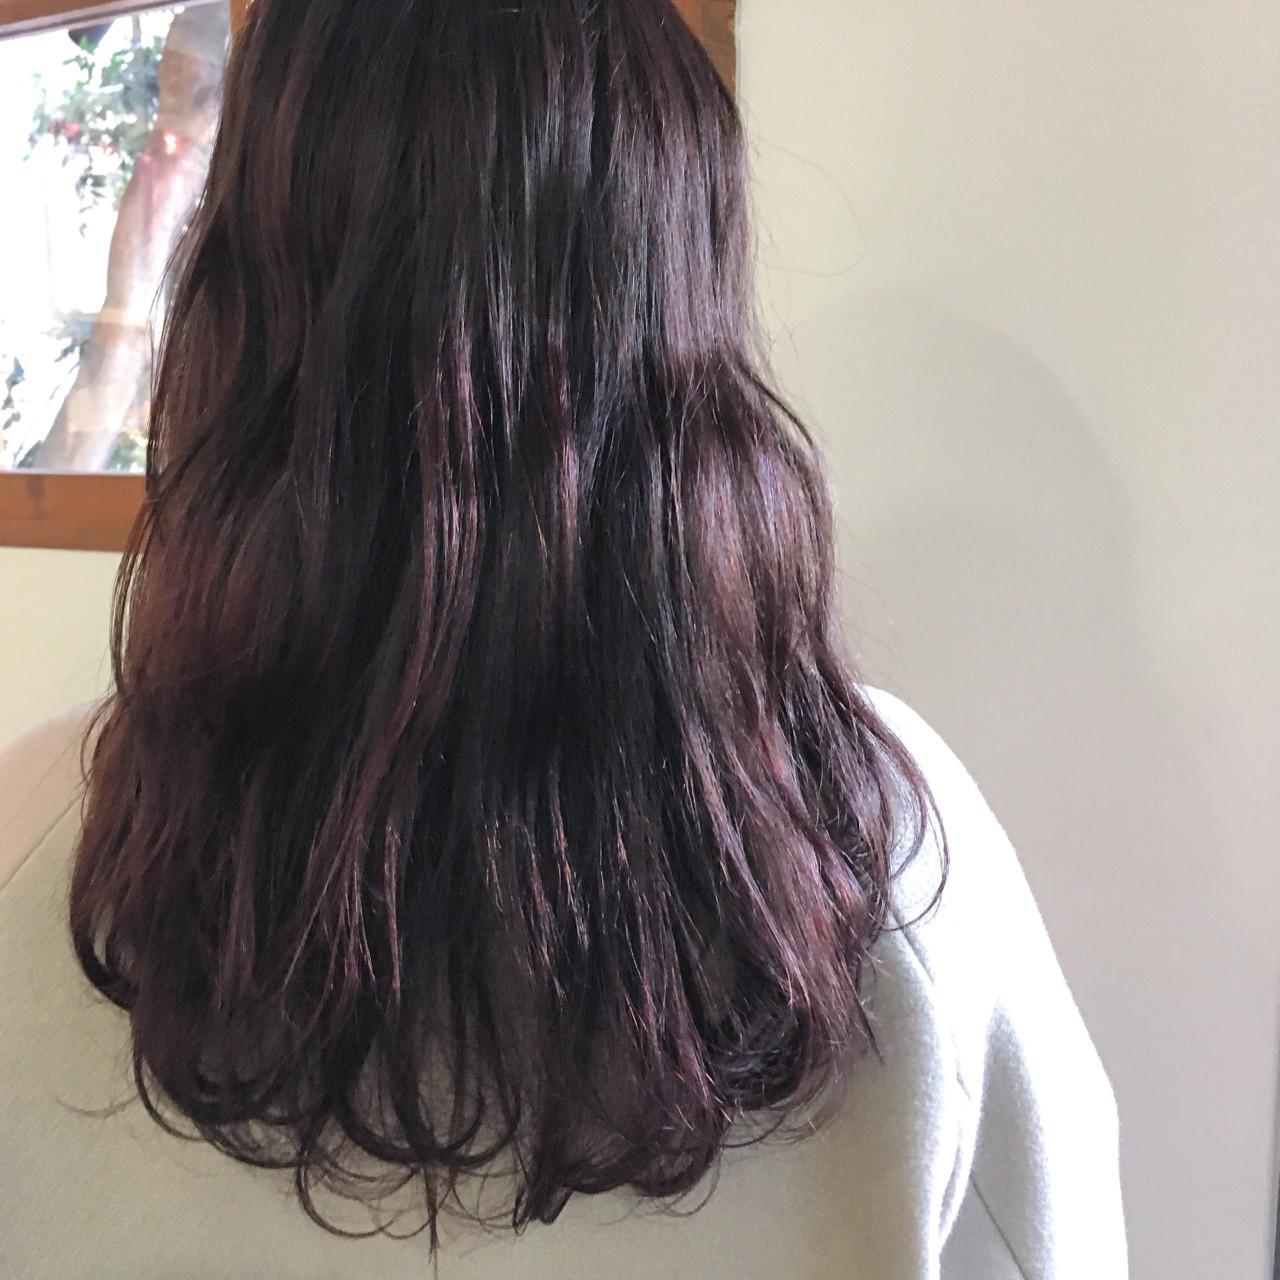 ガーリー ヘアアレンジ パープル セミロング ヘアスタイルや髪型の写真・画像